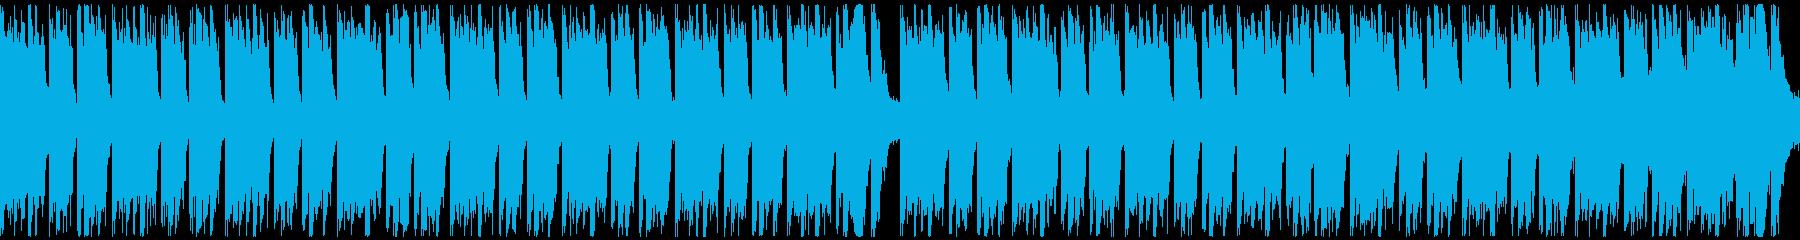 スポーツ音楽(ループ)の再生済みの波形